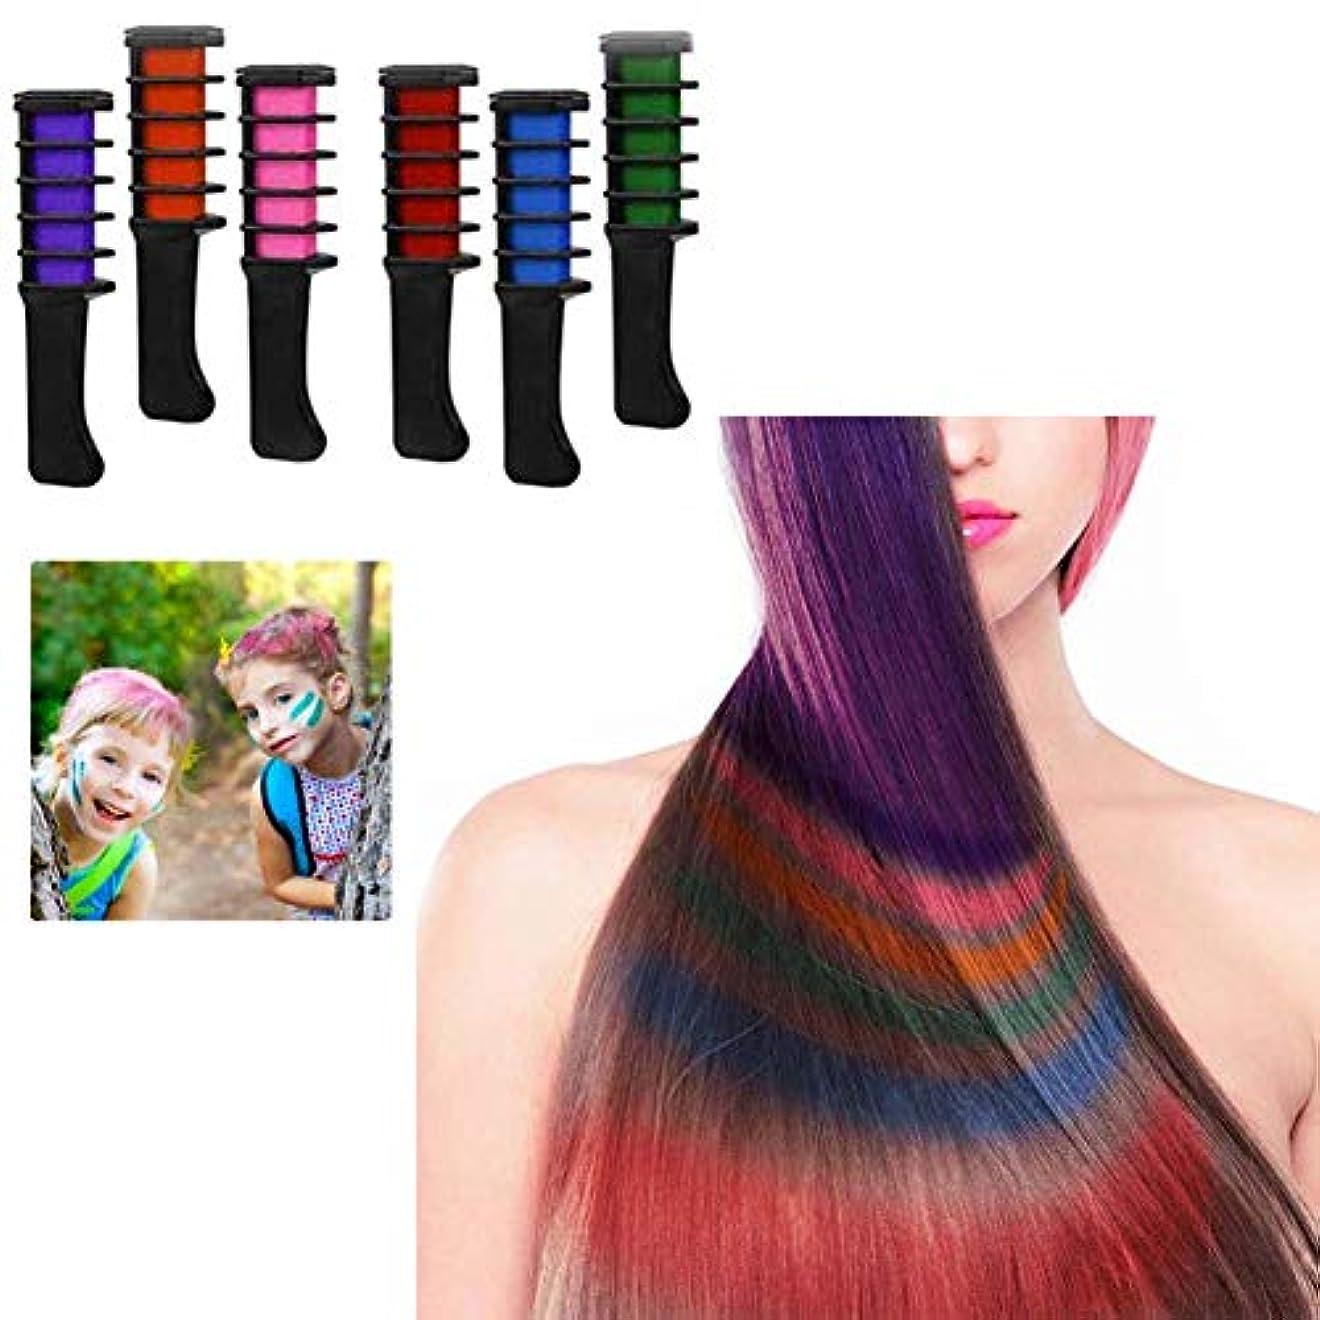 協力的歯科医地質学髪のチョークは子供の女の子のための一時的な髪の色を染めるすべての髪の色で動作しますアイデアクリスマスギフトブラックハンドル6色